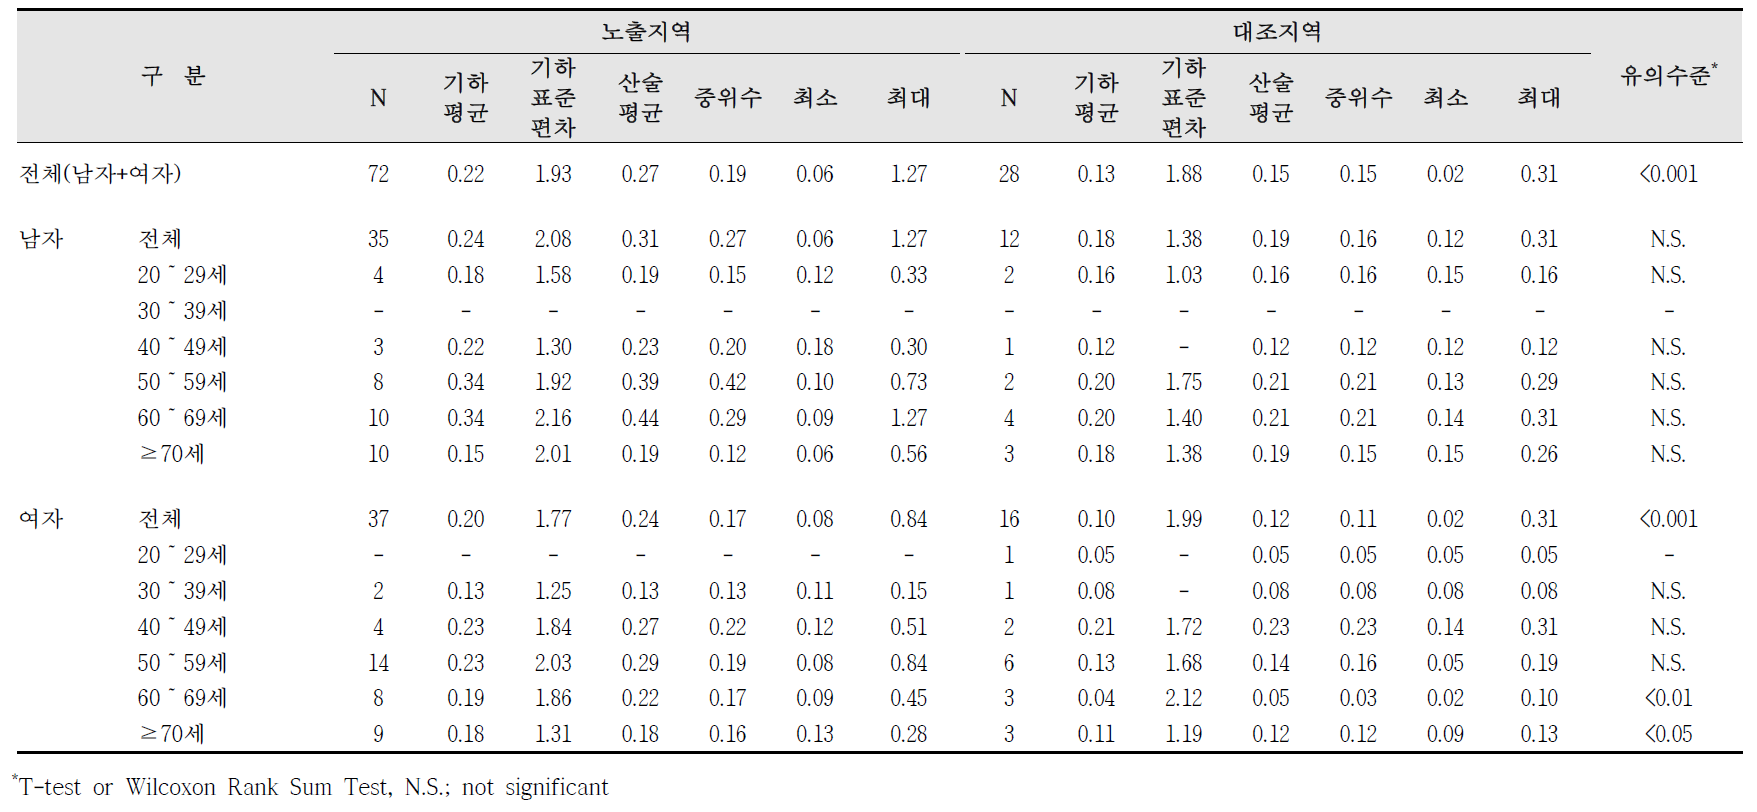 대산산업단지 요중 1-hydroxypyrene 농도 비교